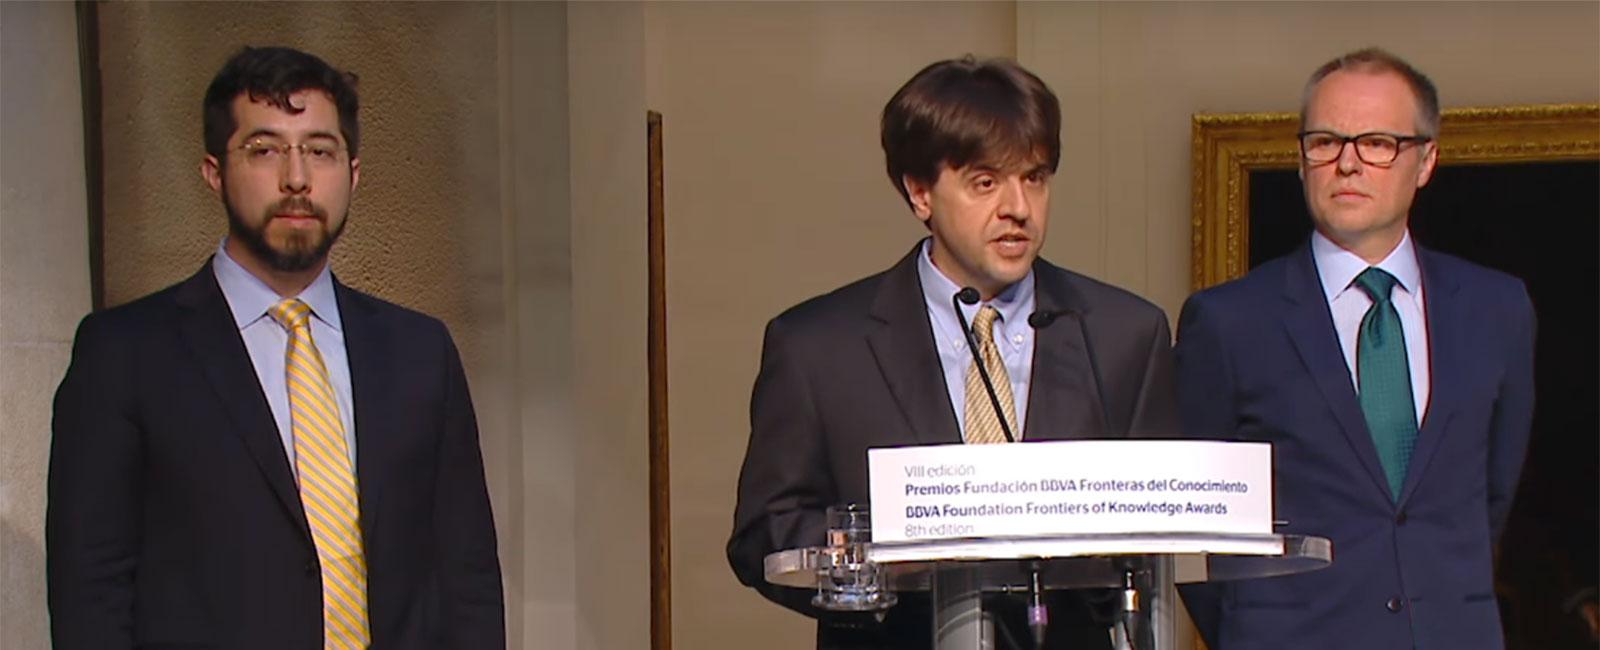 fbbva_ceremonia-15-discurso-biomedicina